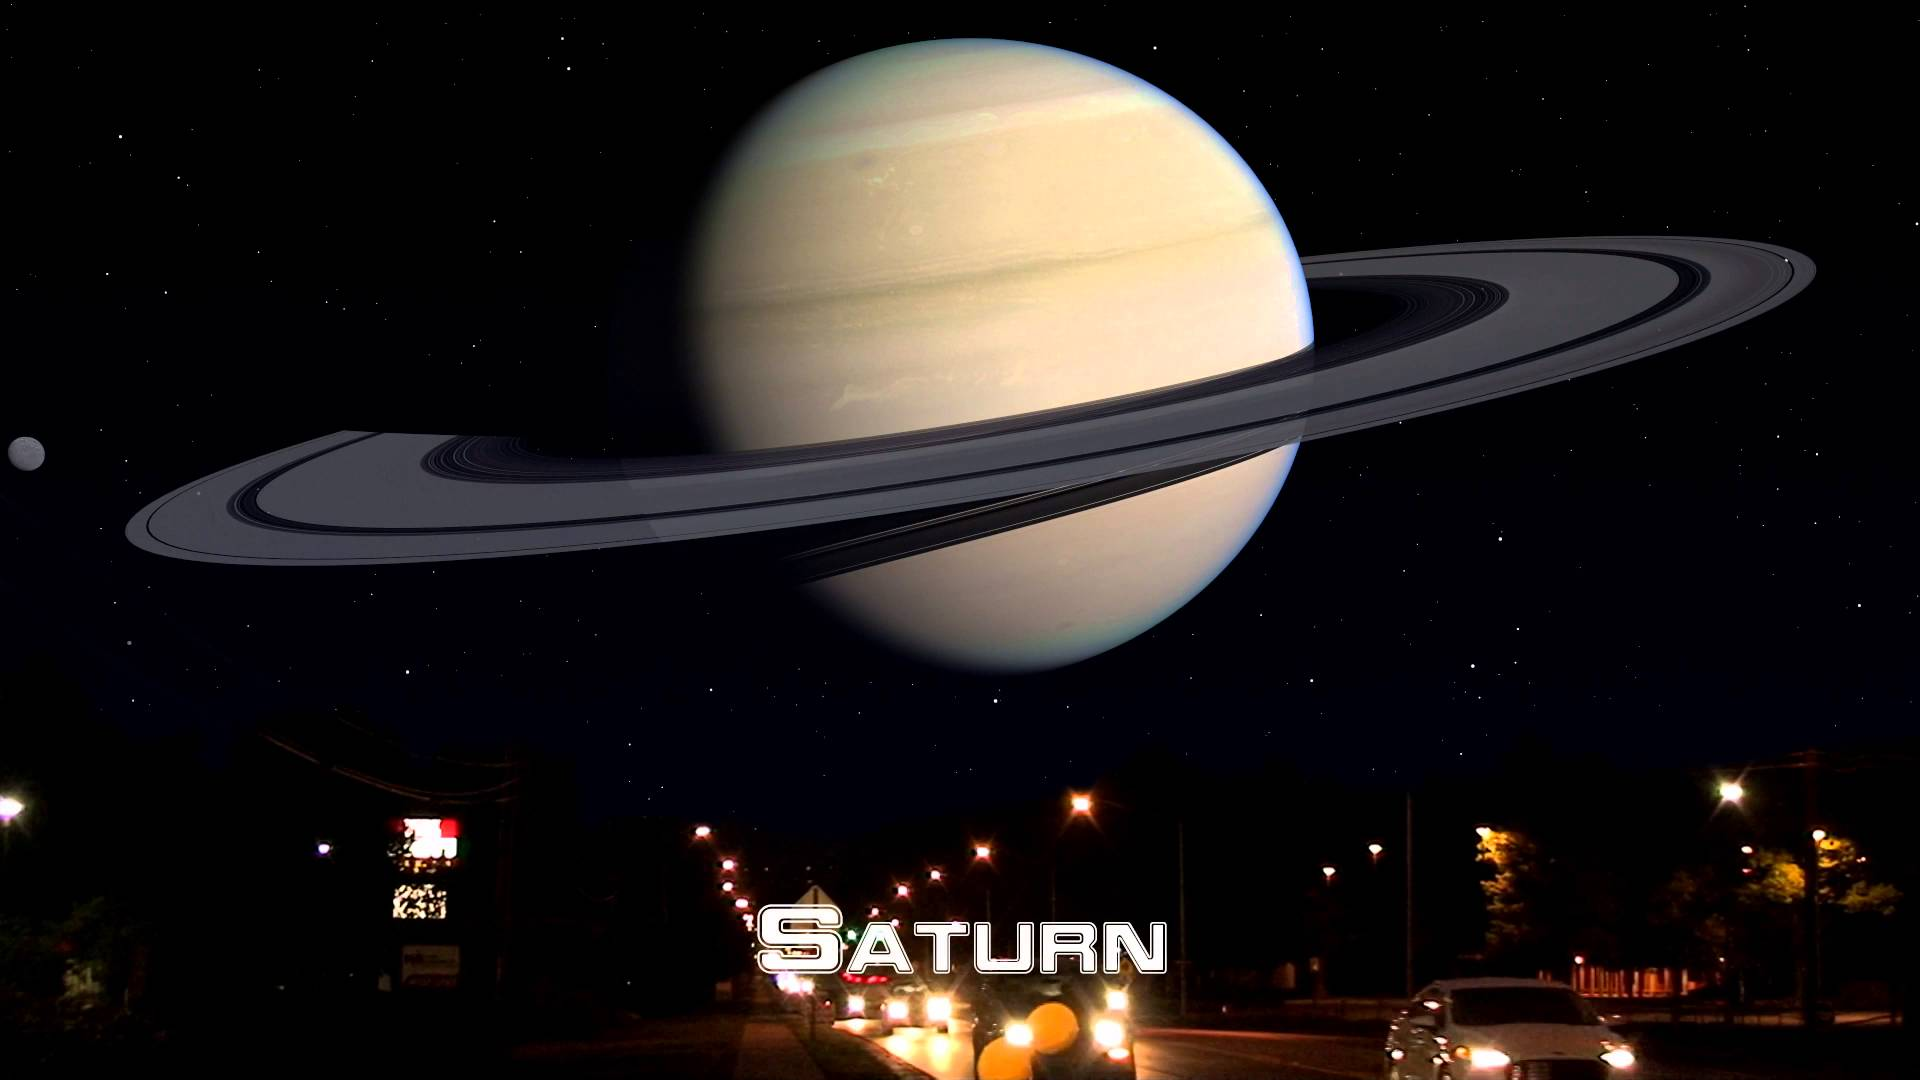 授業で見せたい動画34「もしも月と同じ距離に他の惑星が位置していたら•••」